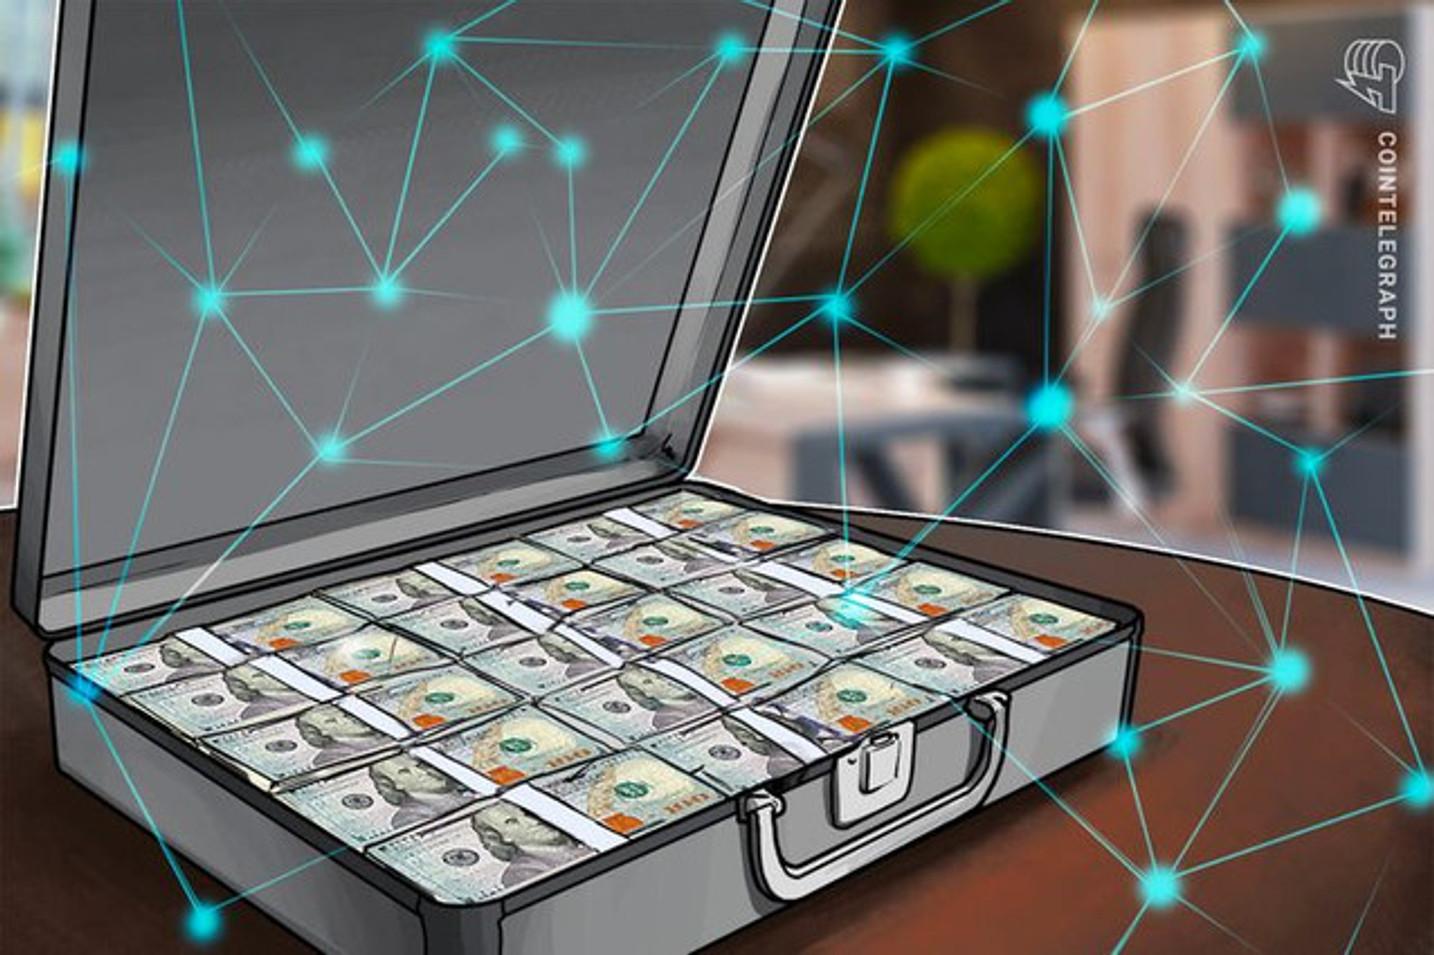 AMETIC llevará a cabo su encuentro anual y la Blockchain en Latam estará sobre la mesa de acuerdos